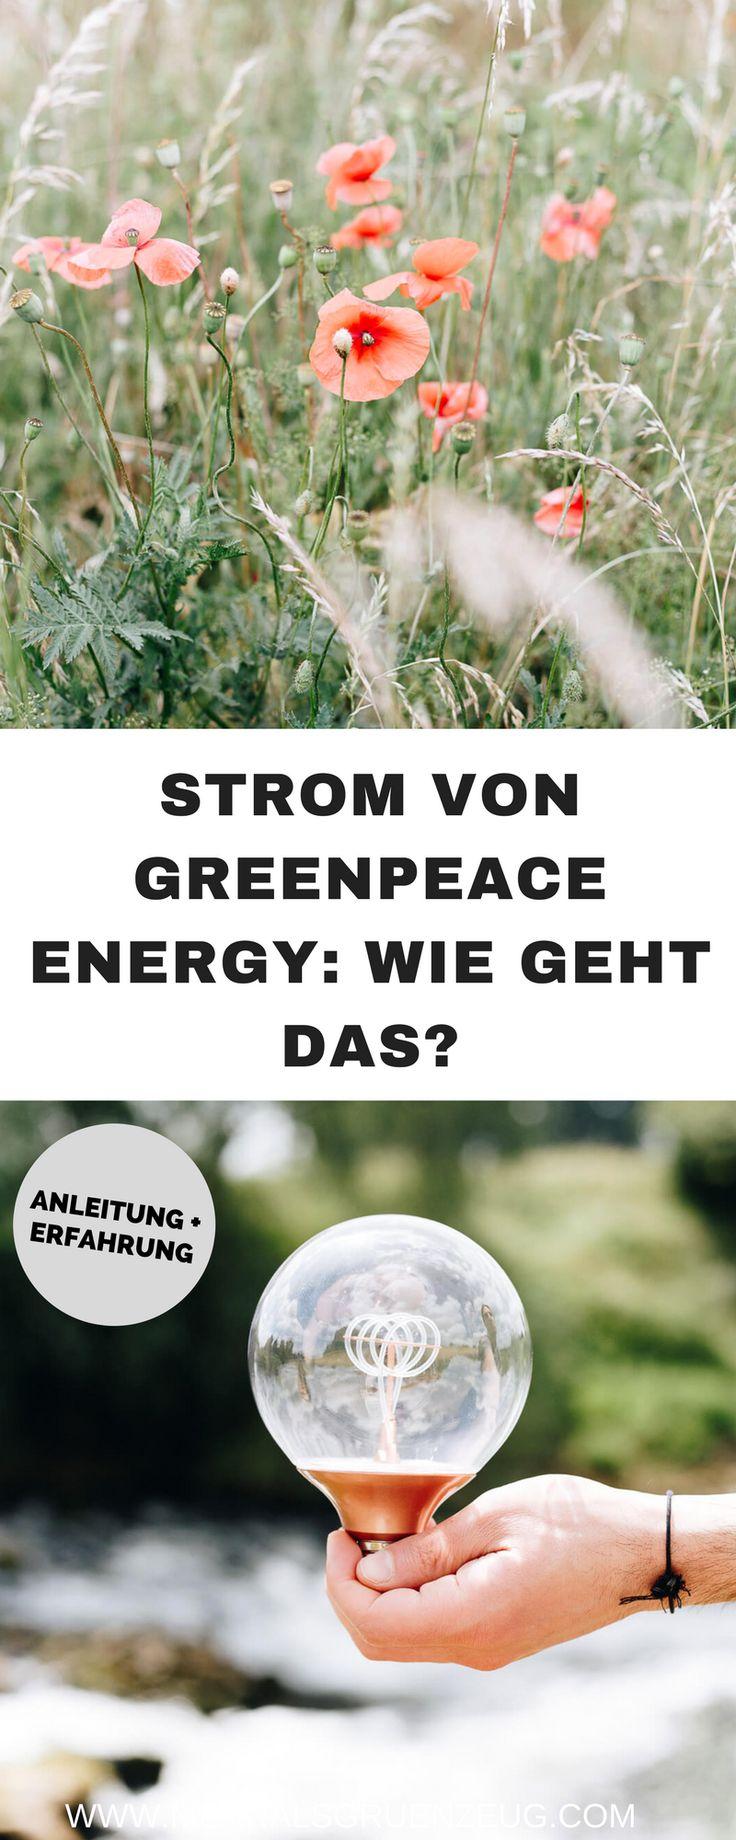 Nachhaltiger und grüner Strom von Greenpeace Energy - wie funktioniert das? Wie geht grüner Strom - und ist der Umstieg kompliziert? Ist das teurer? Unsere Erfahrungen nach zwei Jahren Greenpeace Energy.